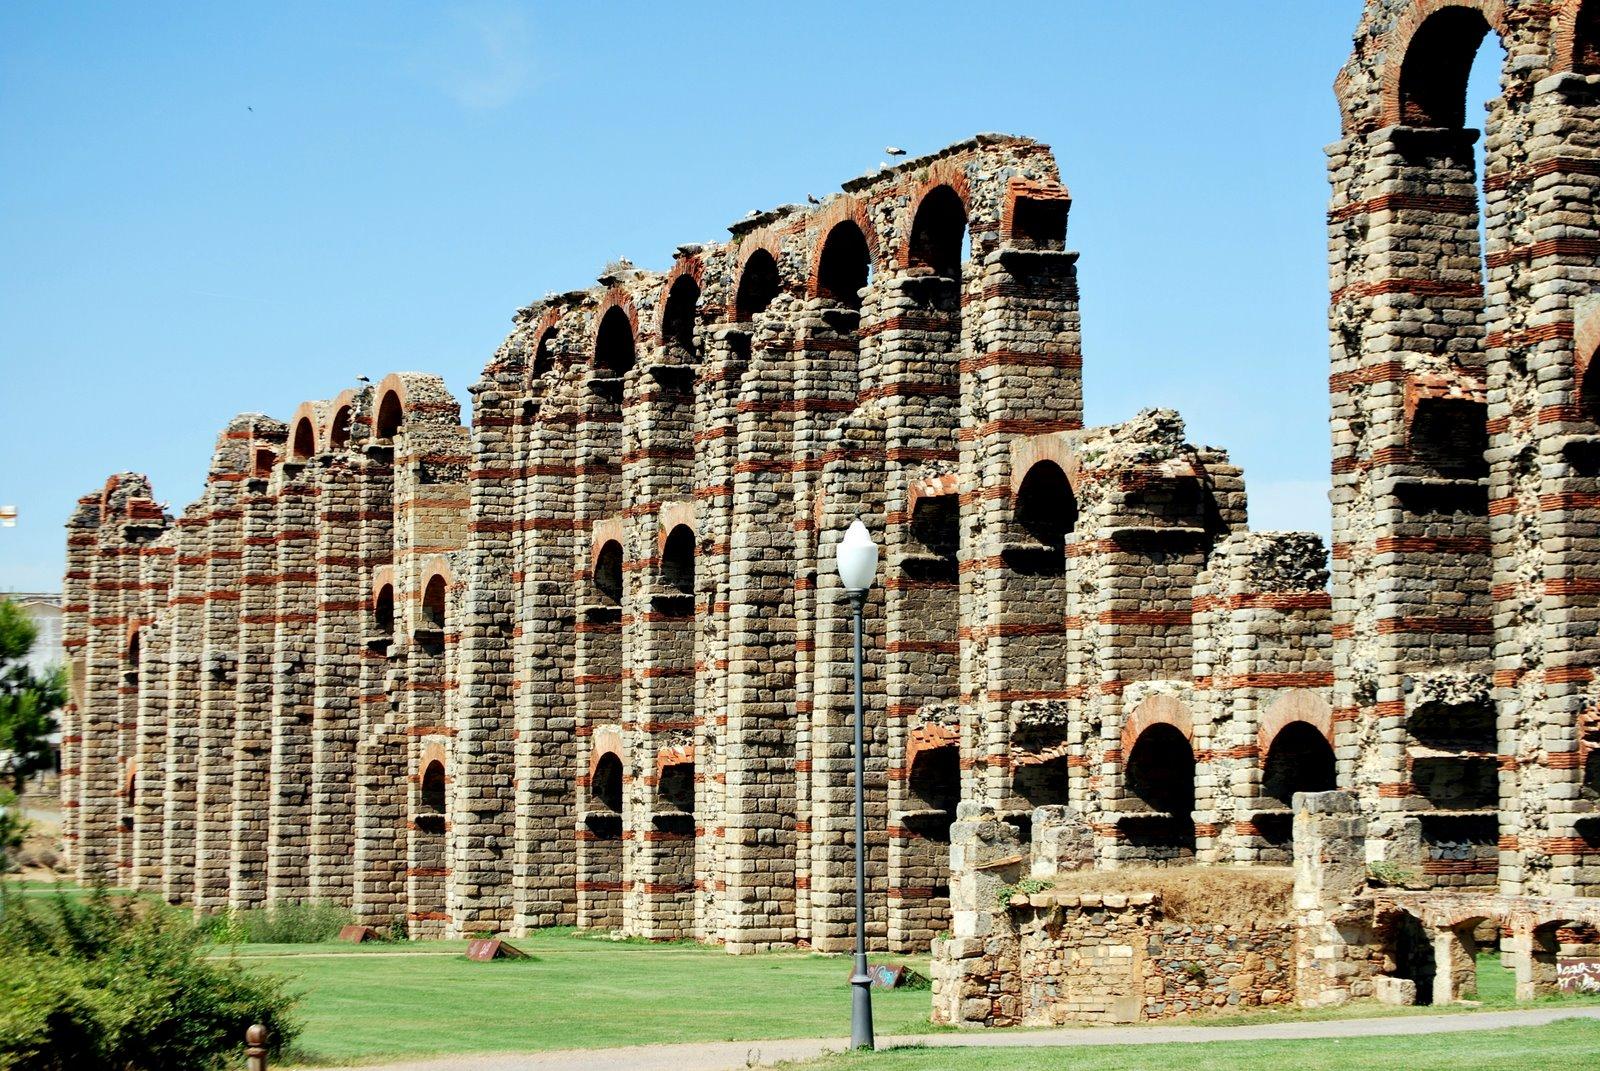 File:Acueducto de los Milagros, Mérida, España - 20090609.jpg - Wikimedia Com...